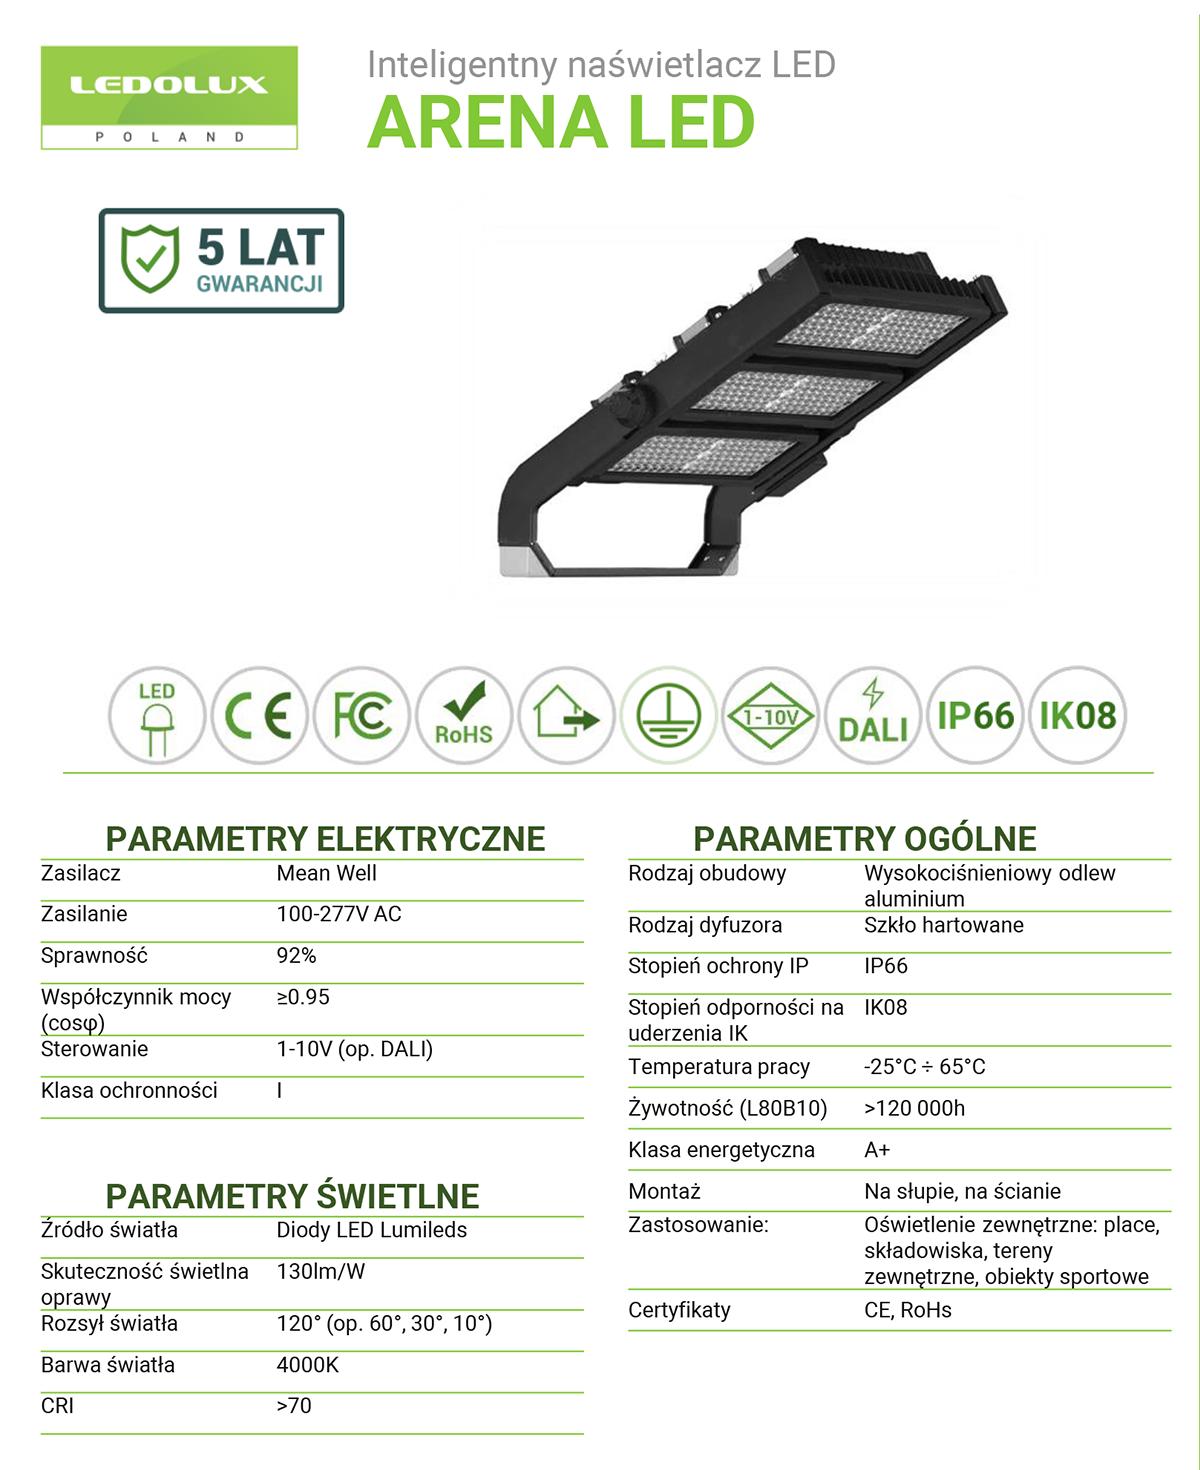 Informacje dotyczące naświetlacza Arena LED